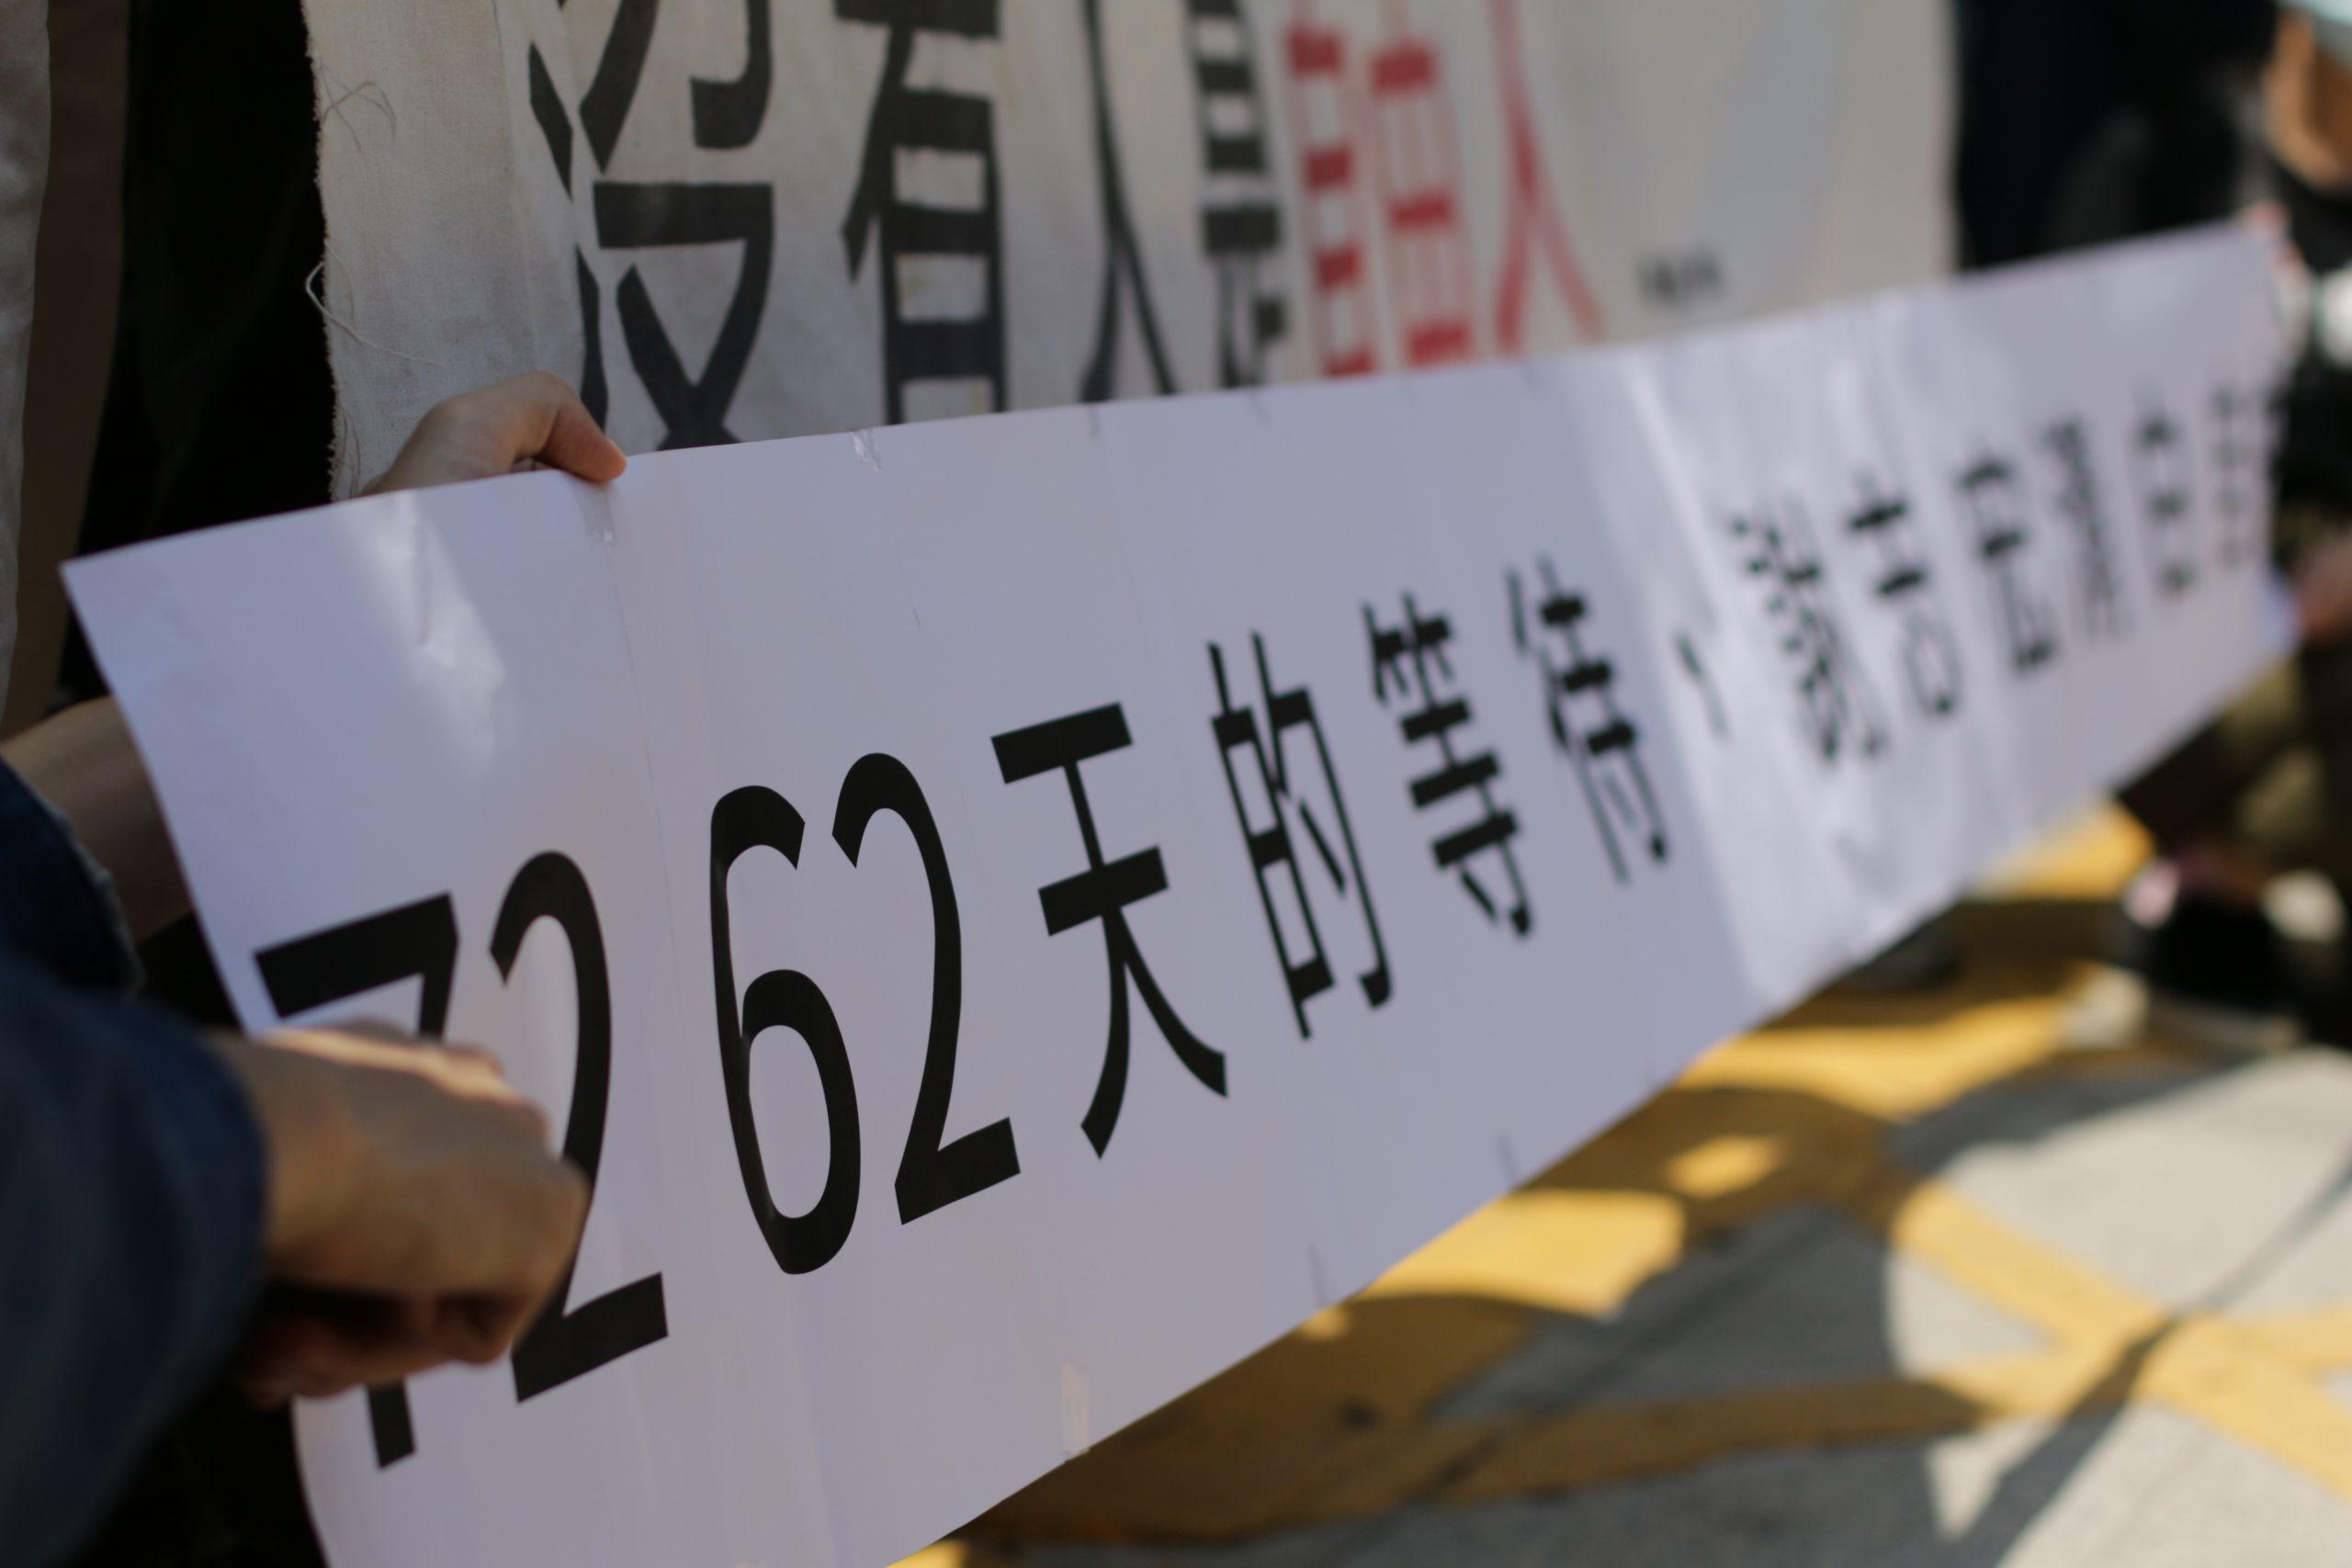 7262天的等待,謝志宏終於等到清白